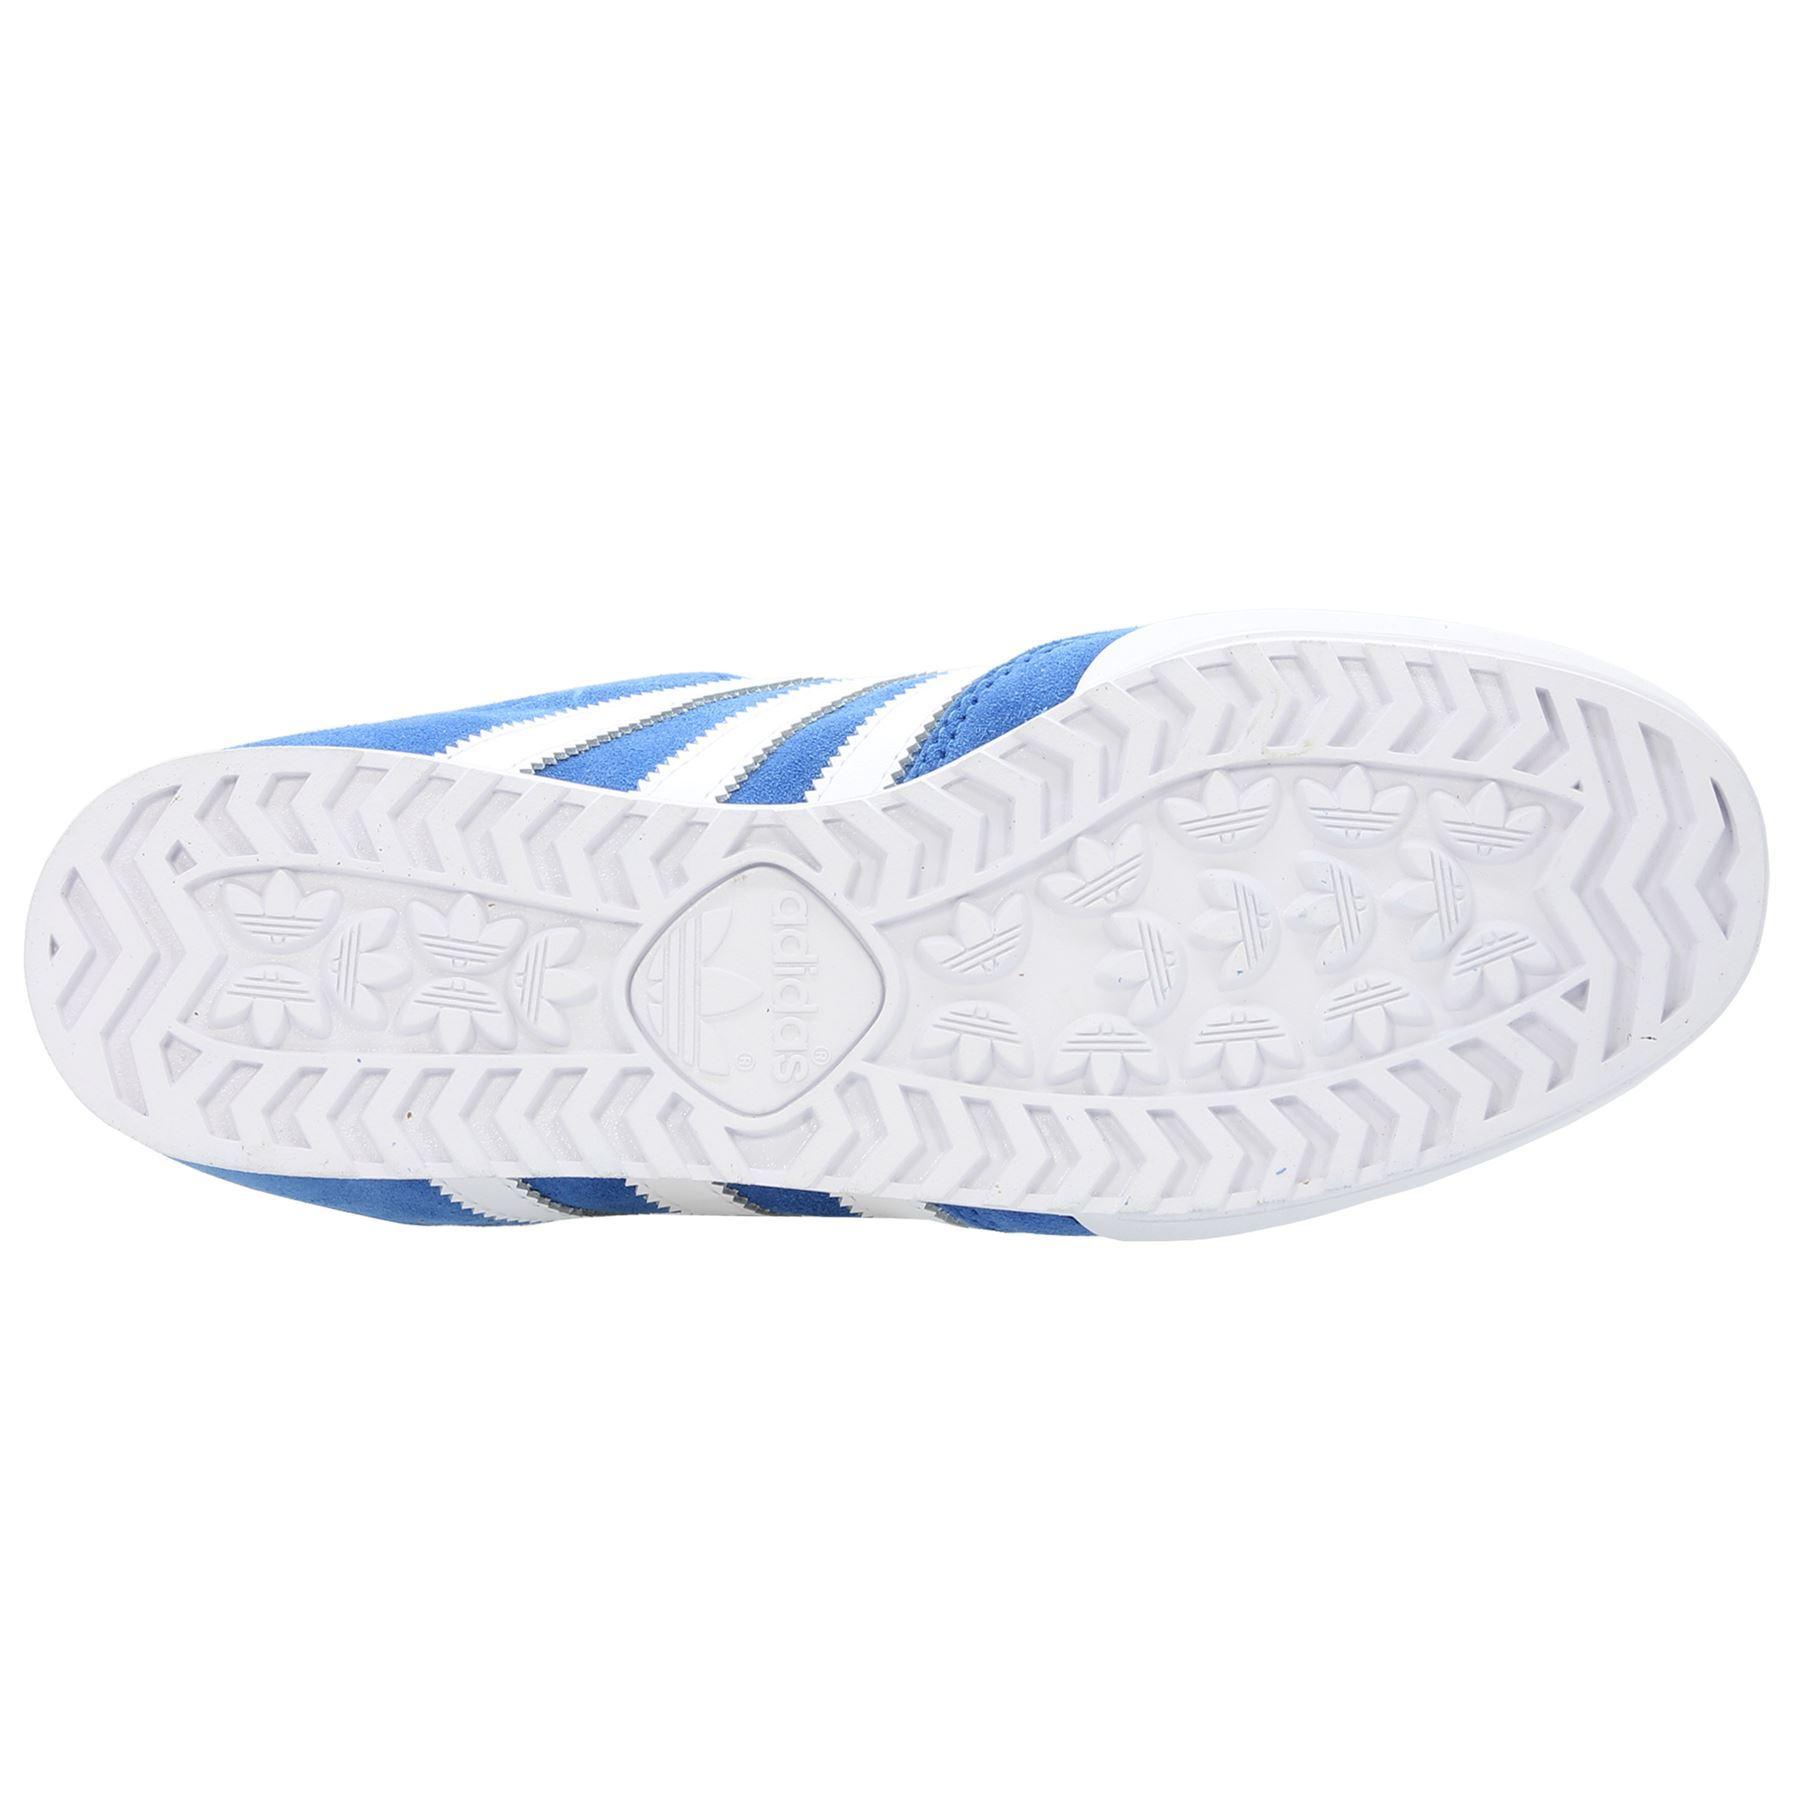 Entraîneurs Des Hommes Adidas Superstar Taille 9 BLU3d4s